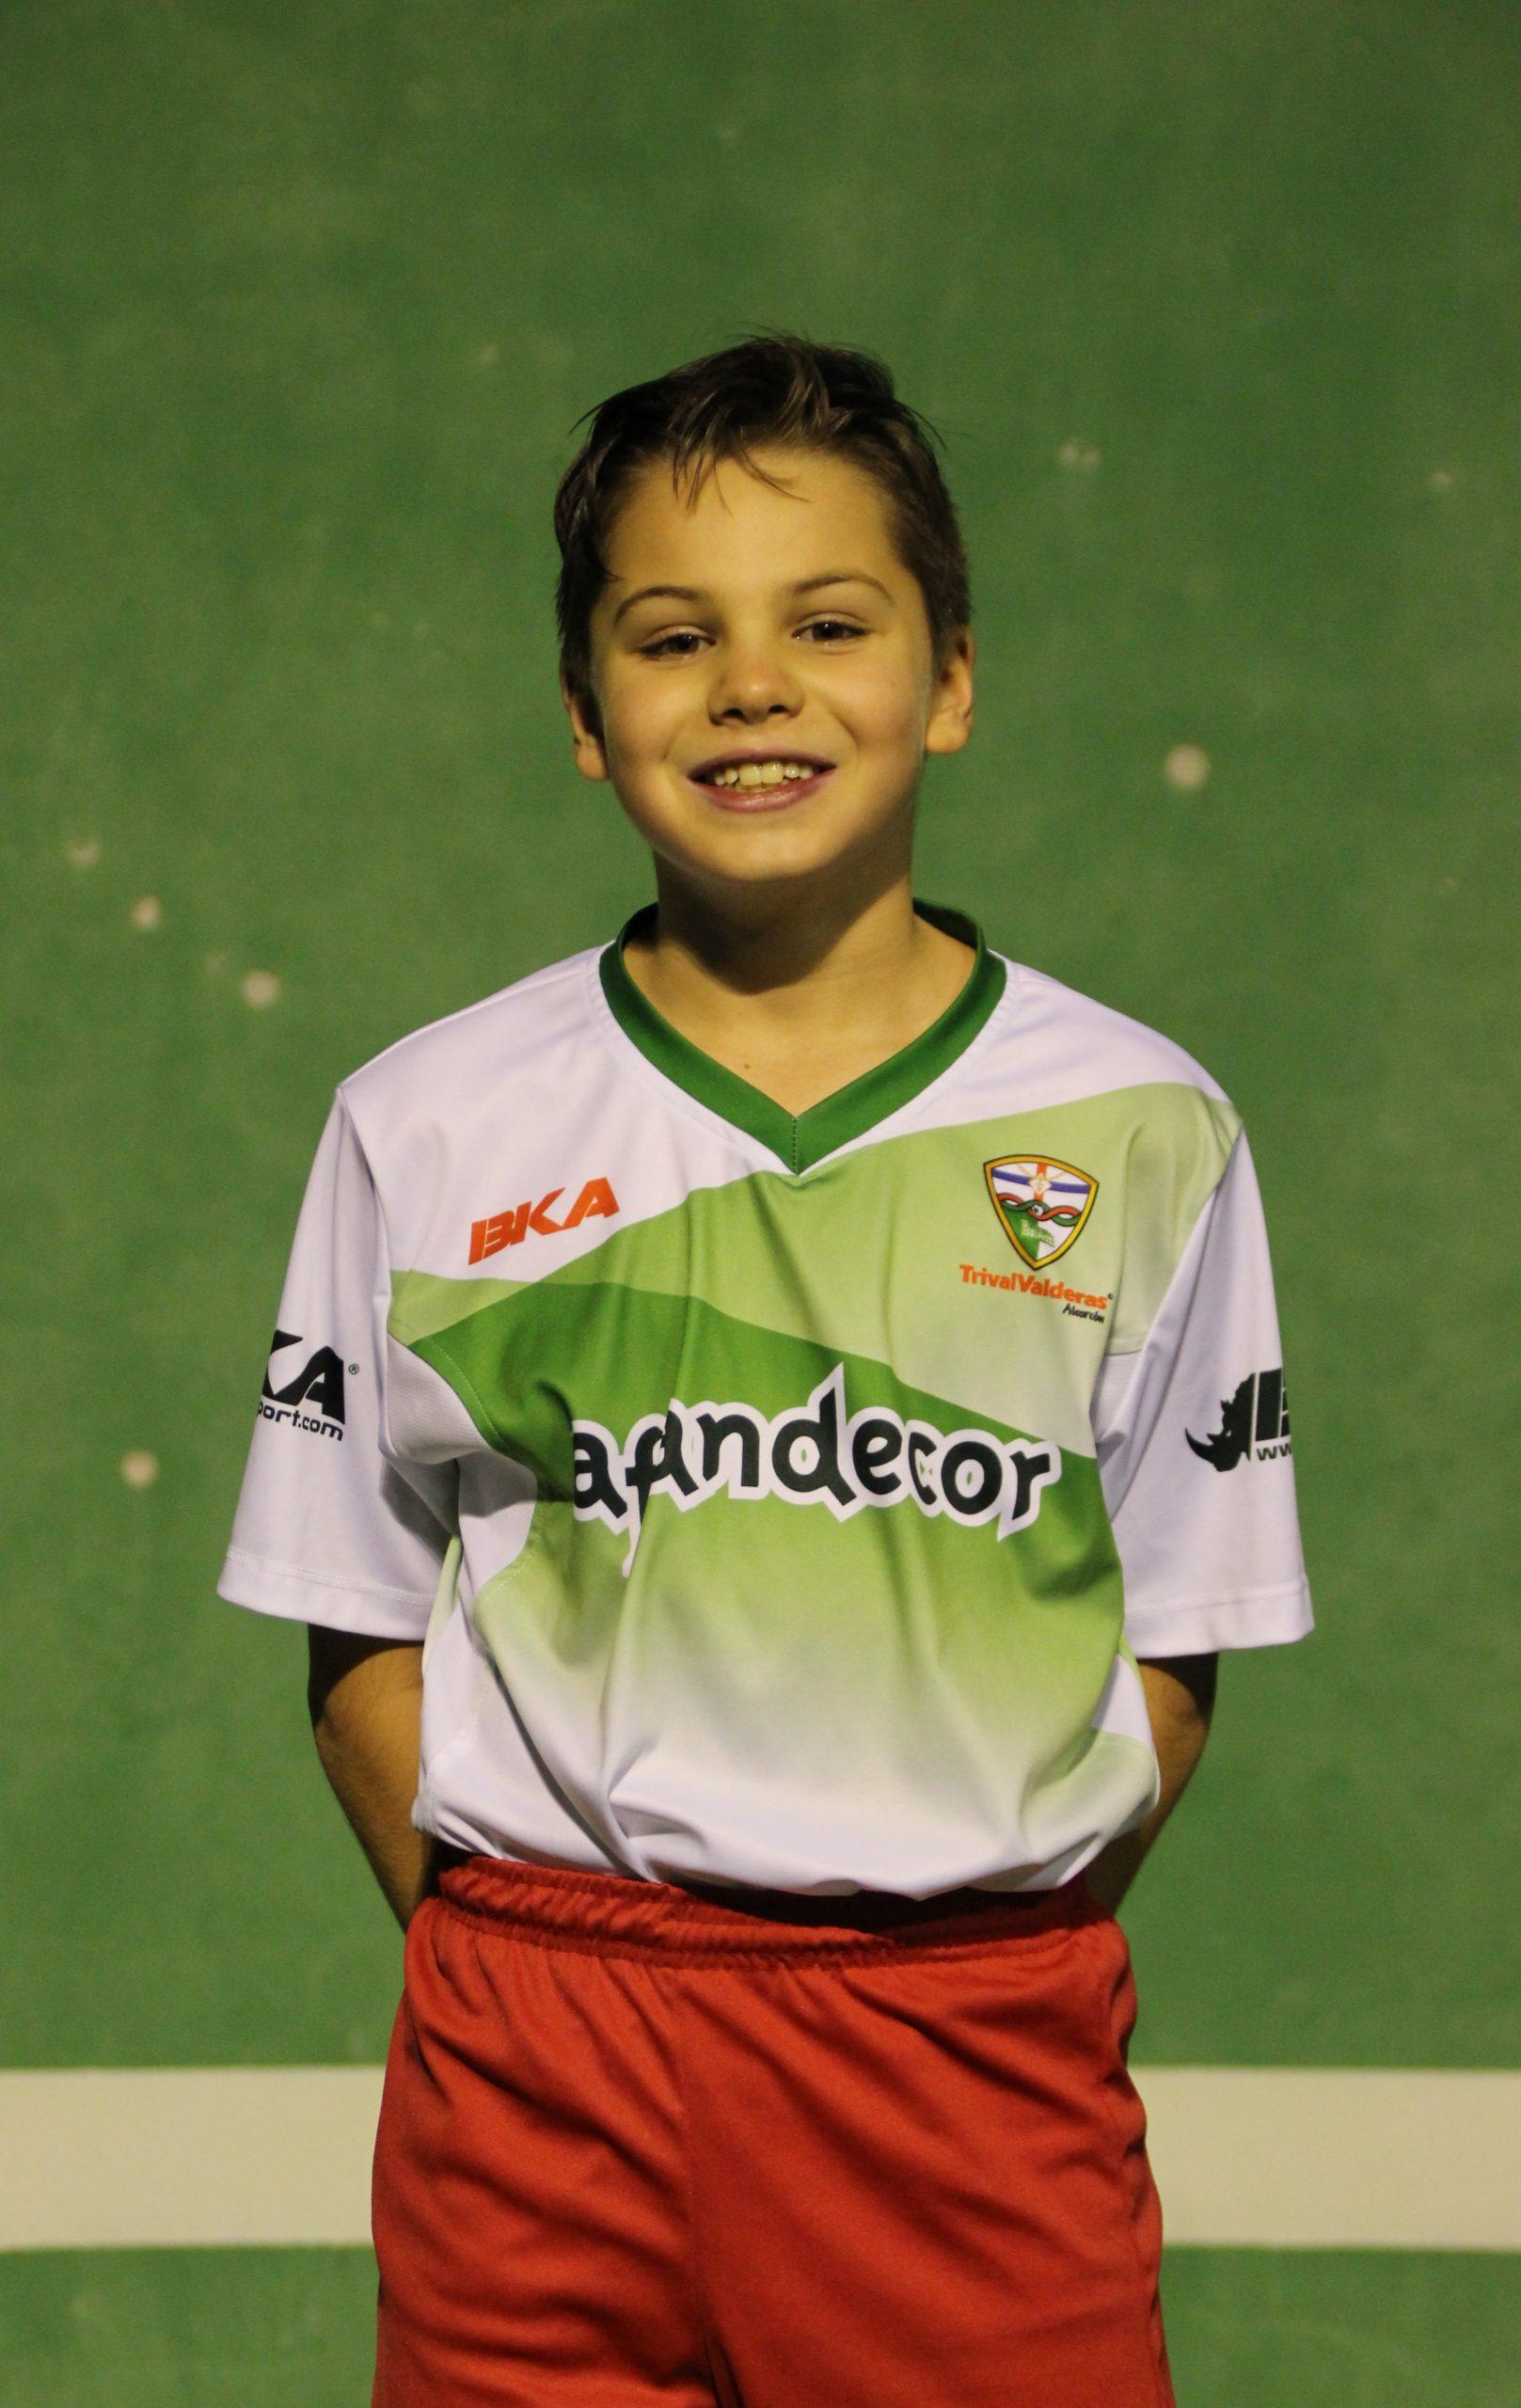 1 Daniel Hernando Pereira